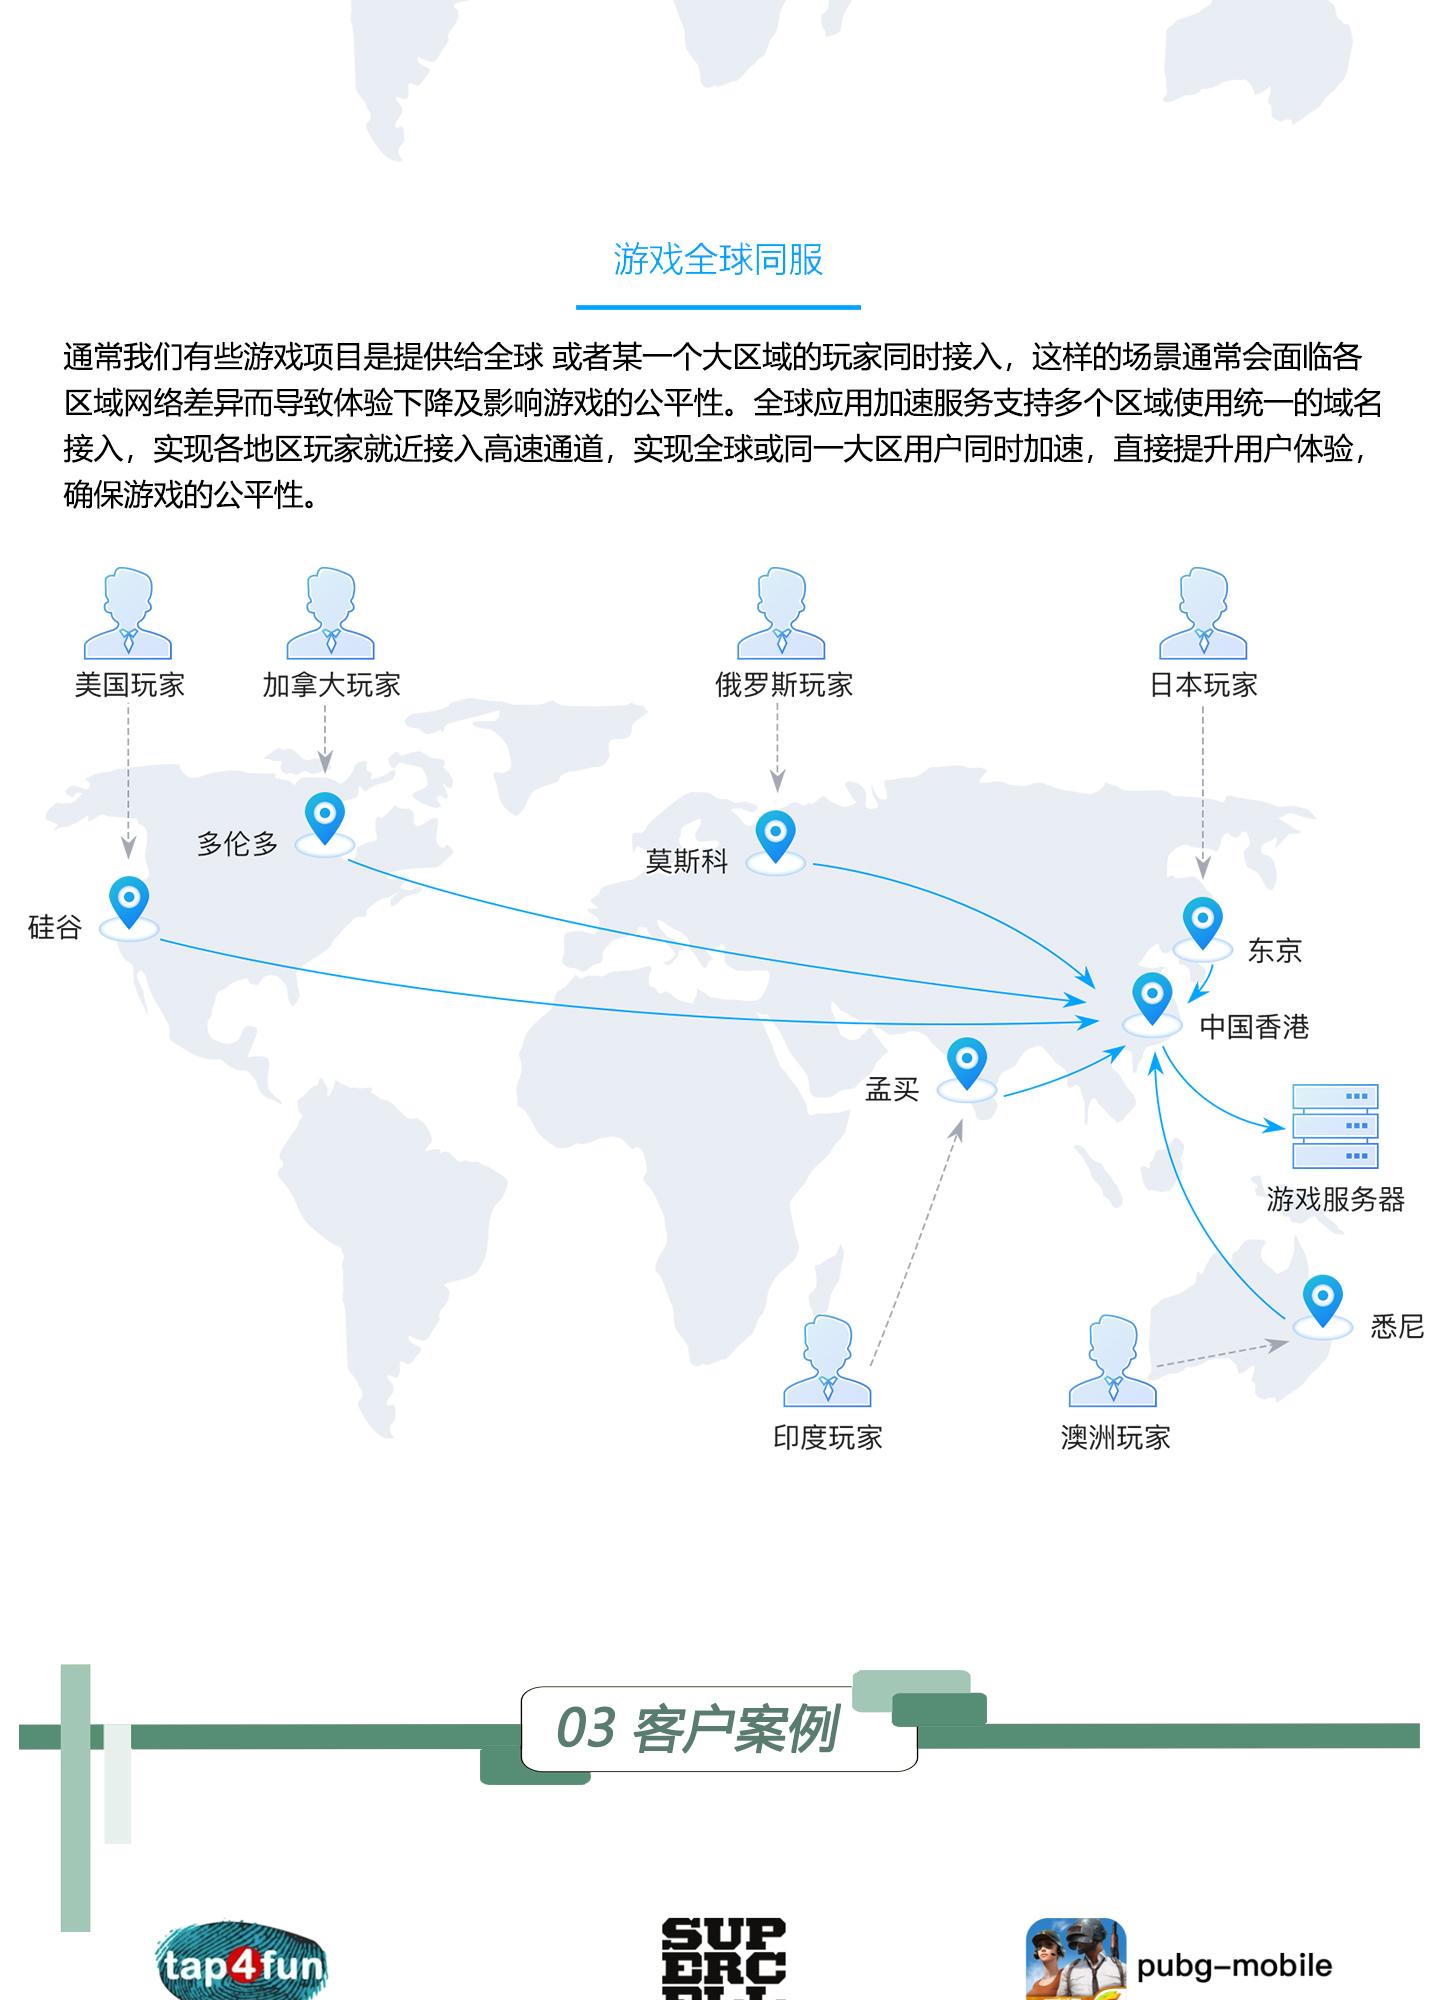 全球应用加速-GAAP1440_03.jpg